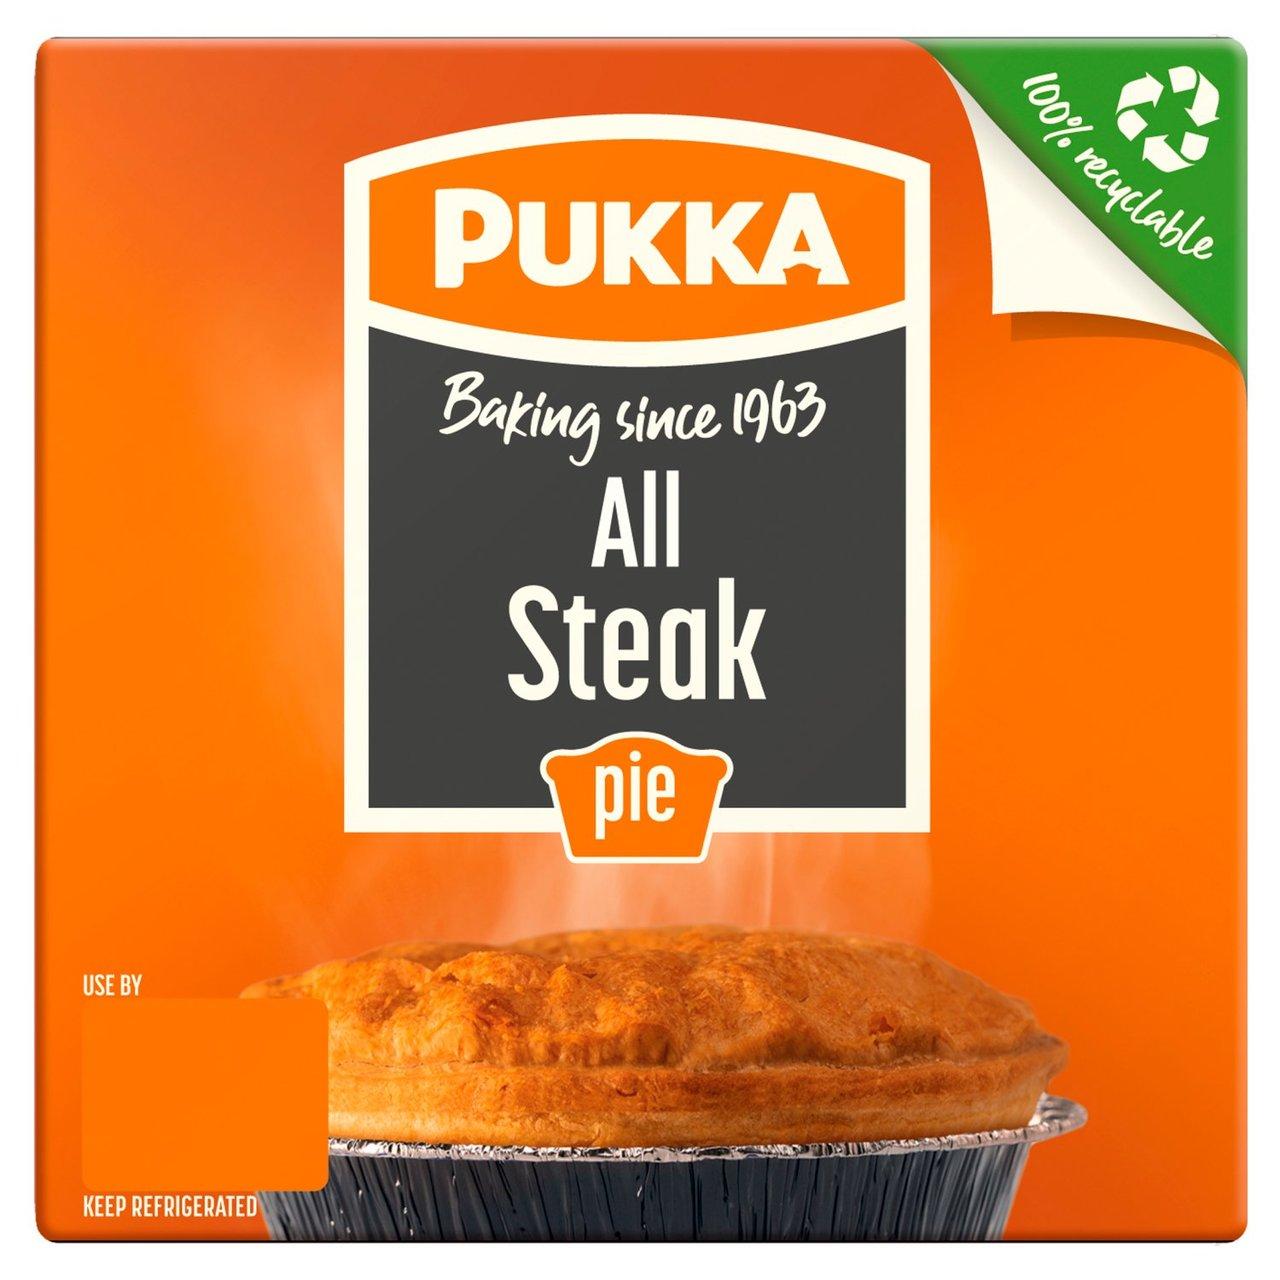 Pukka Pie (All Steak/ Chicken & Mushroom / Steak & Kidney / Steak & Onion/ Vegan Steak & Onion Pie and more) £1 @ Morrison's